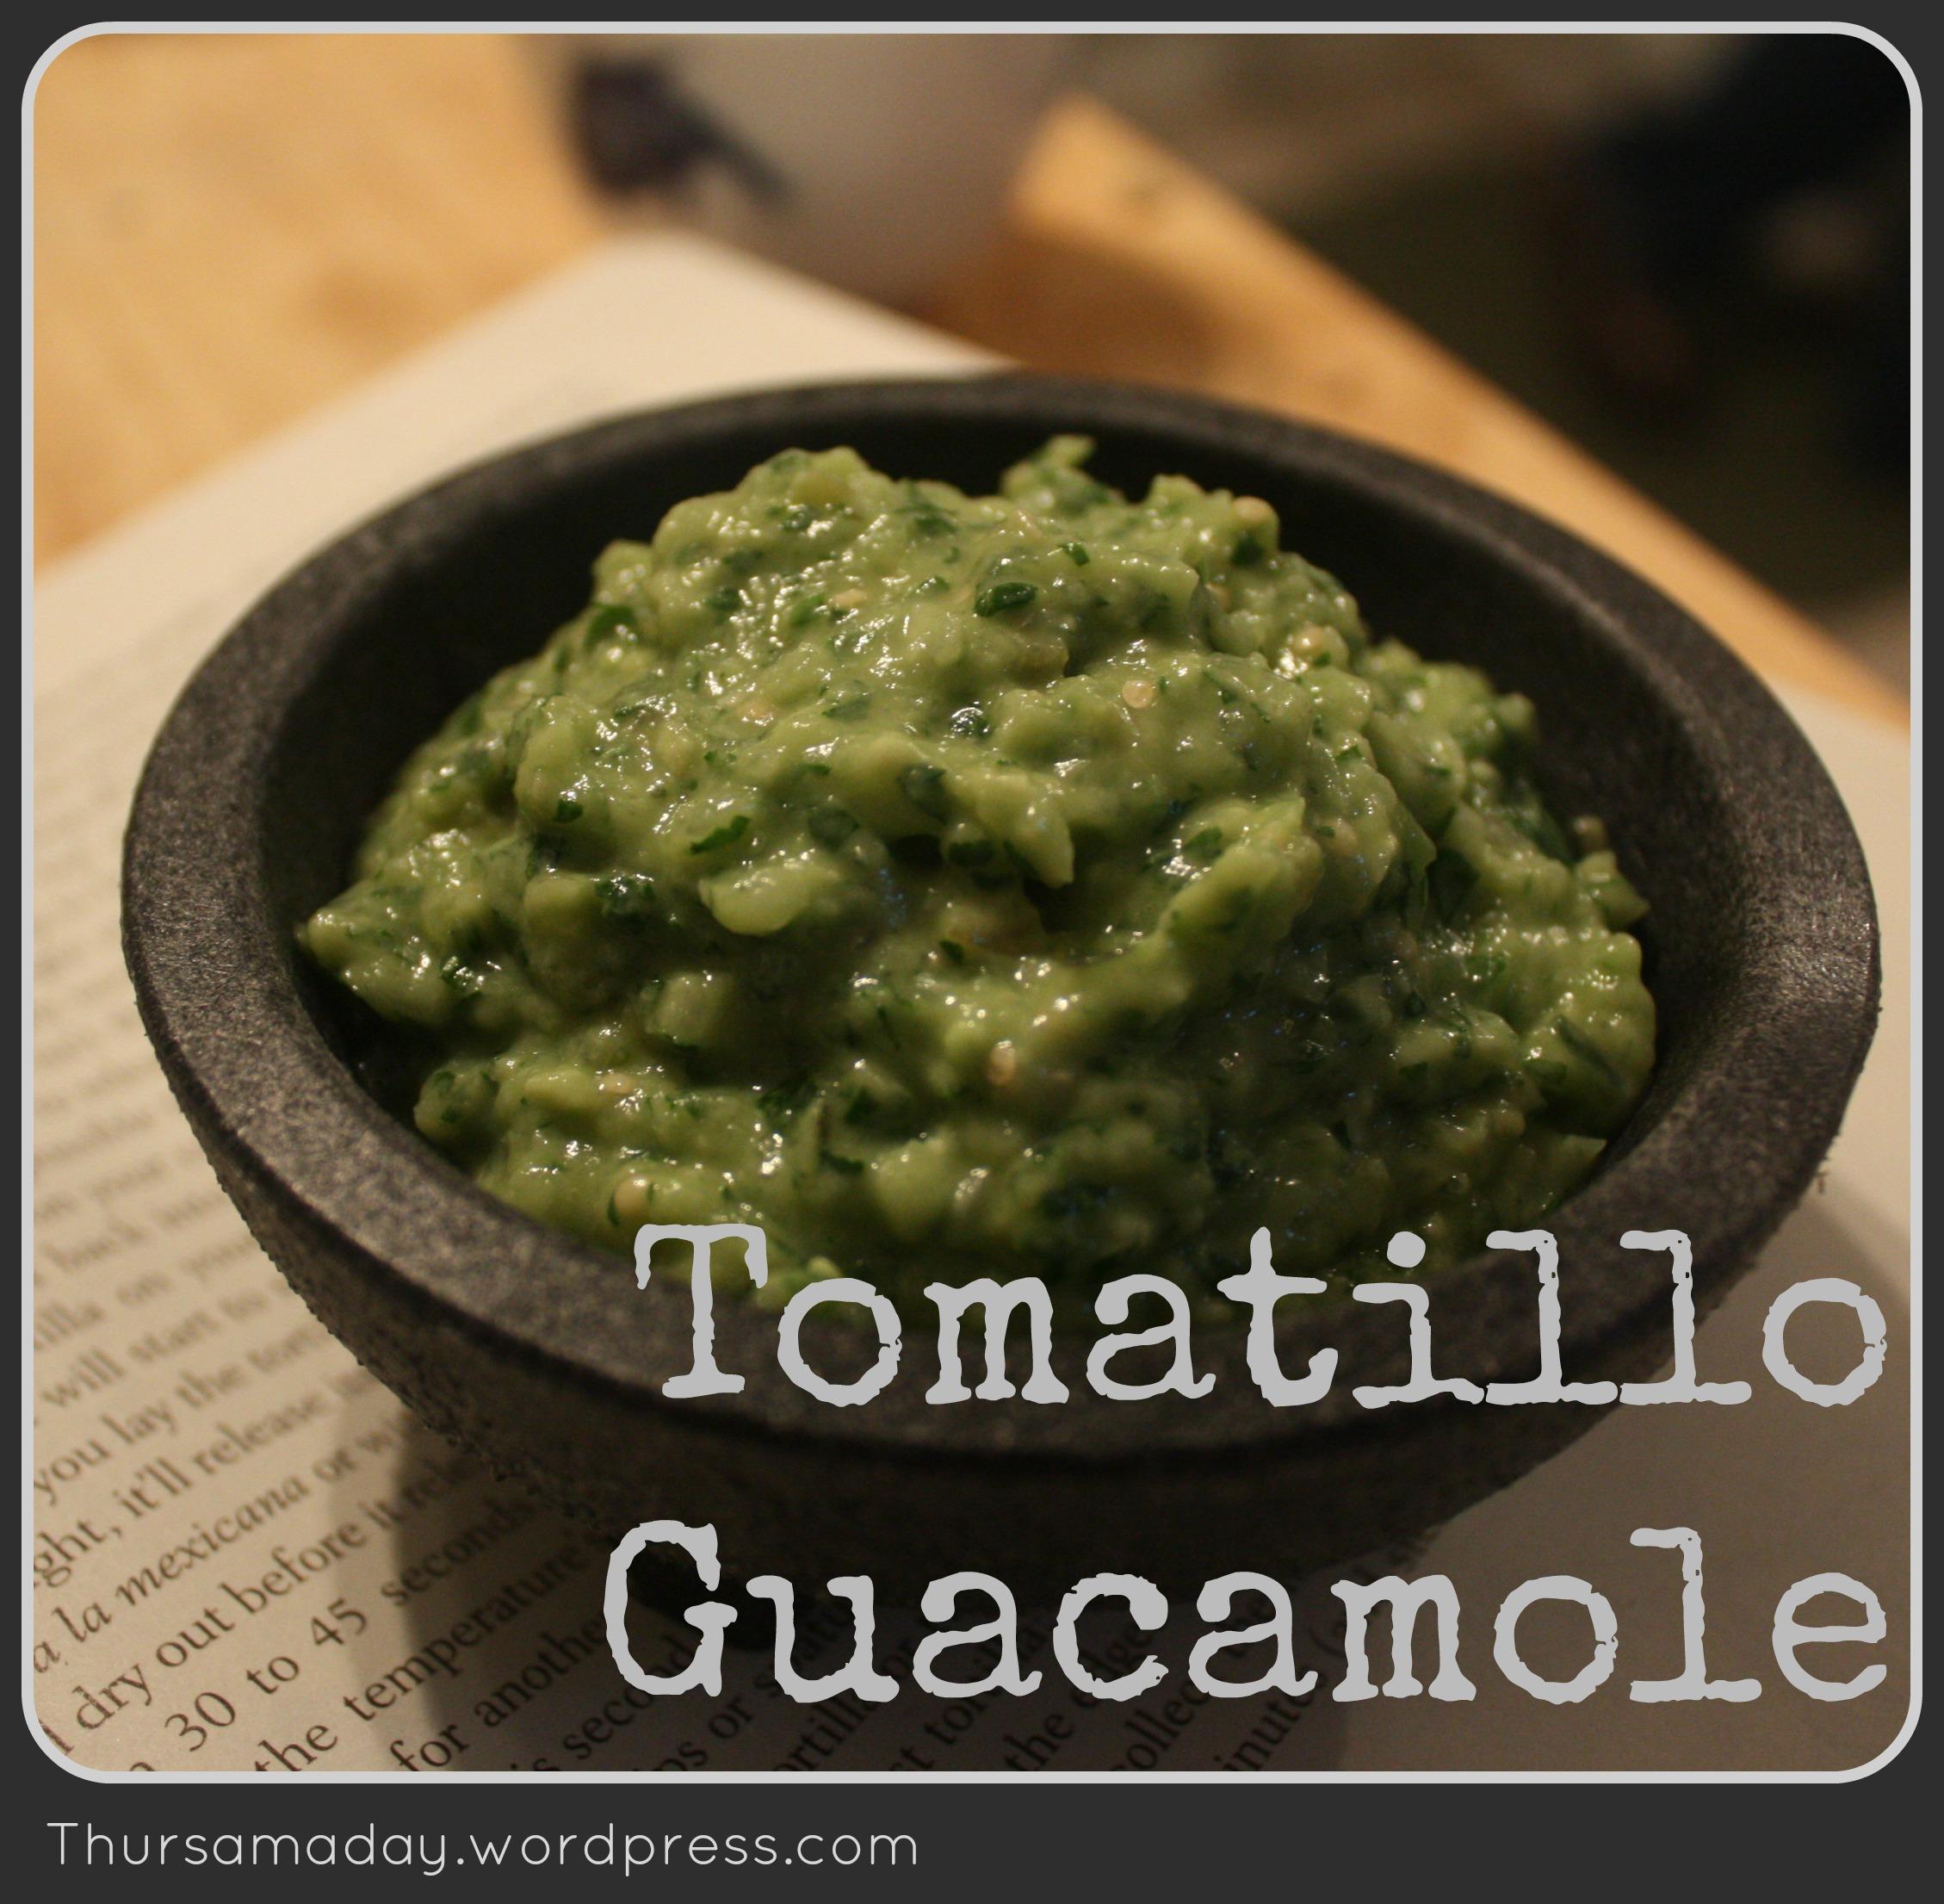 Tomatillo Guacamole Recipe | Thursamaday's Soaps